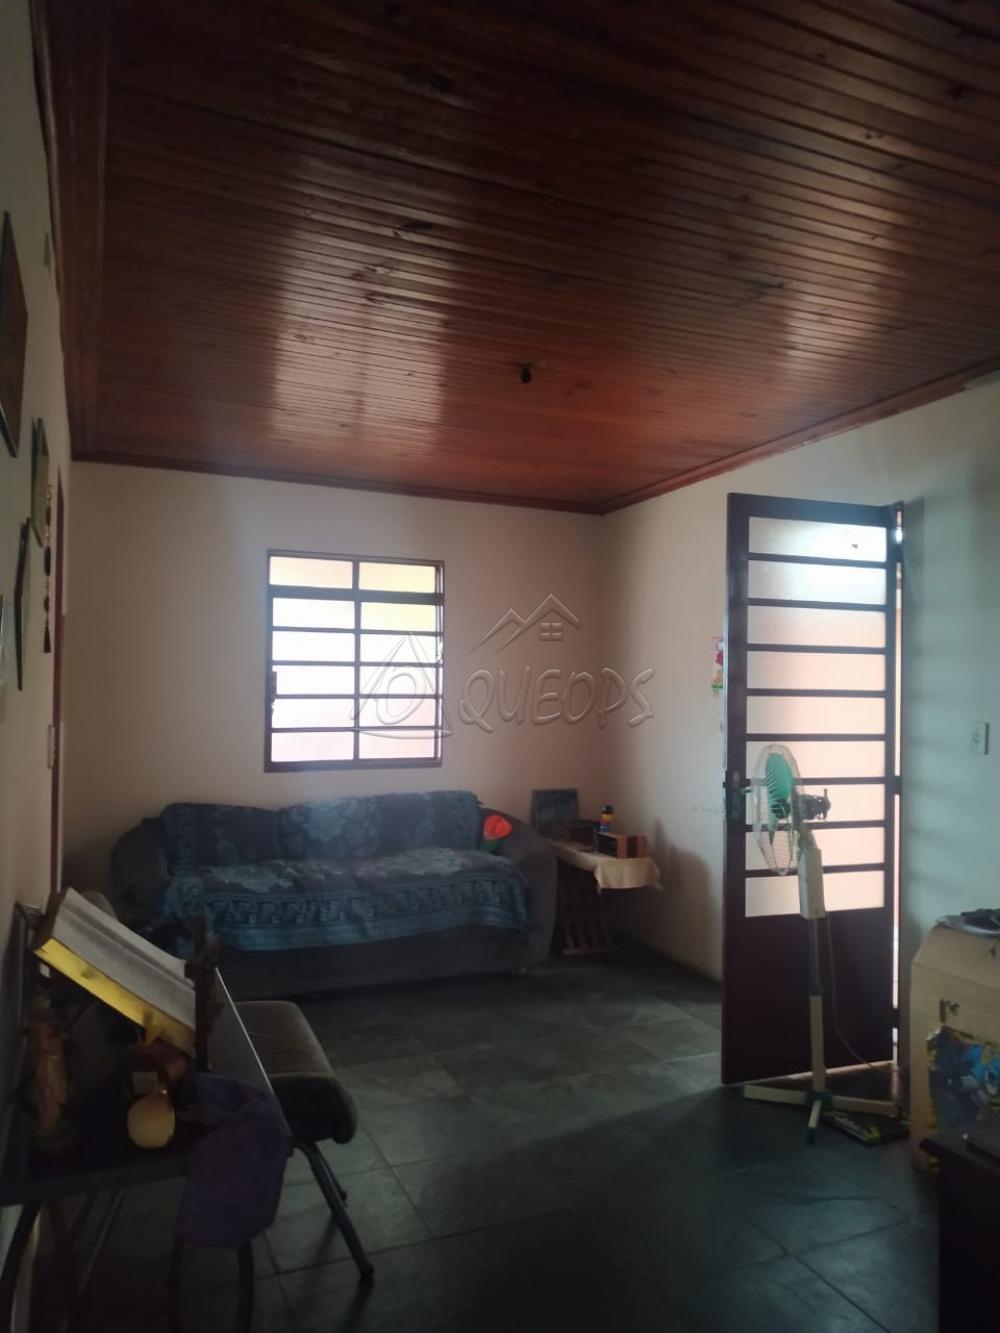 Comprar Casa / Padrão em Barretos apenas R$ 130.000,00 - Foto 4